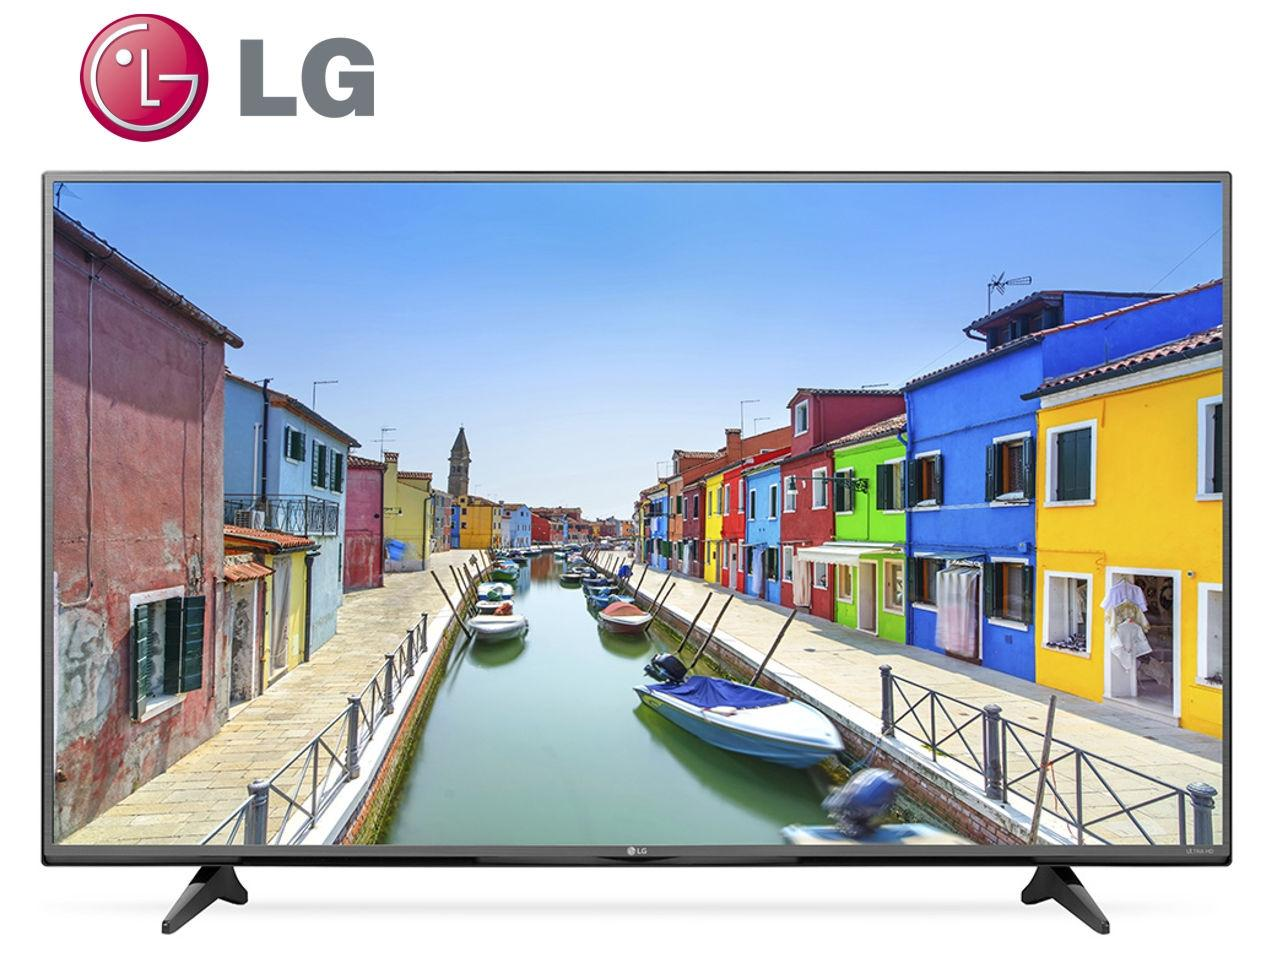 LG 55UF680V + 700 Kč na dárky nebo další nákup | CHAT on-line podpora PO-PÁ 8-22.00!!